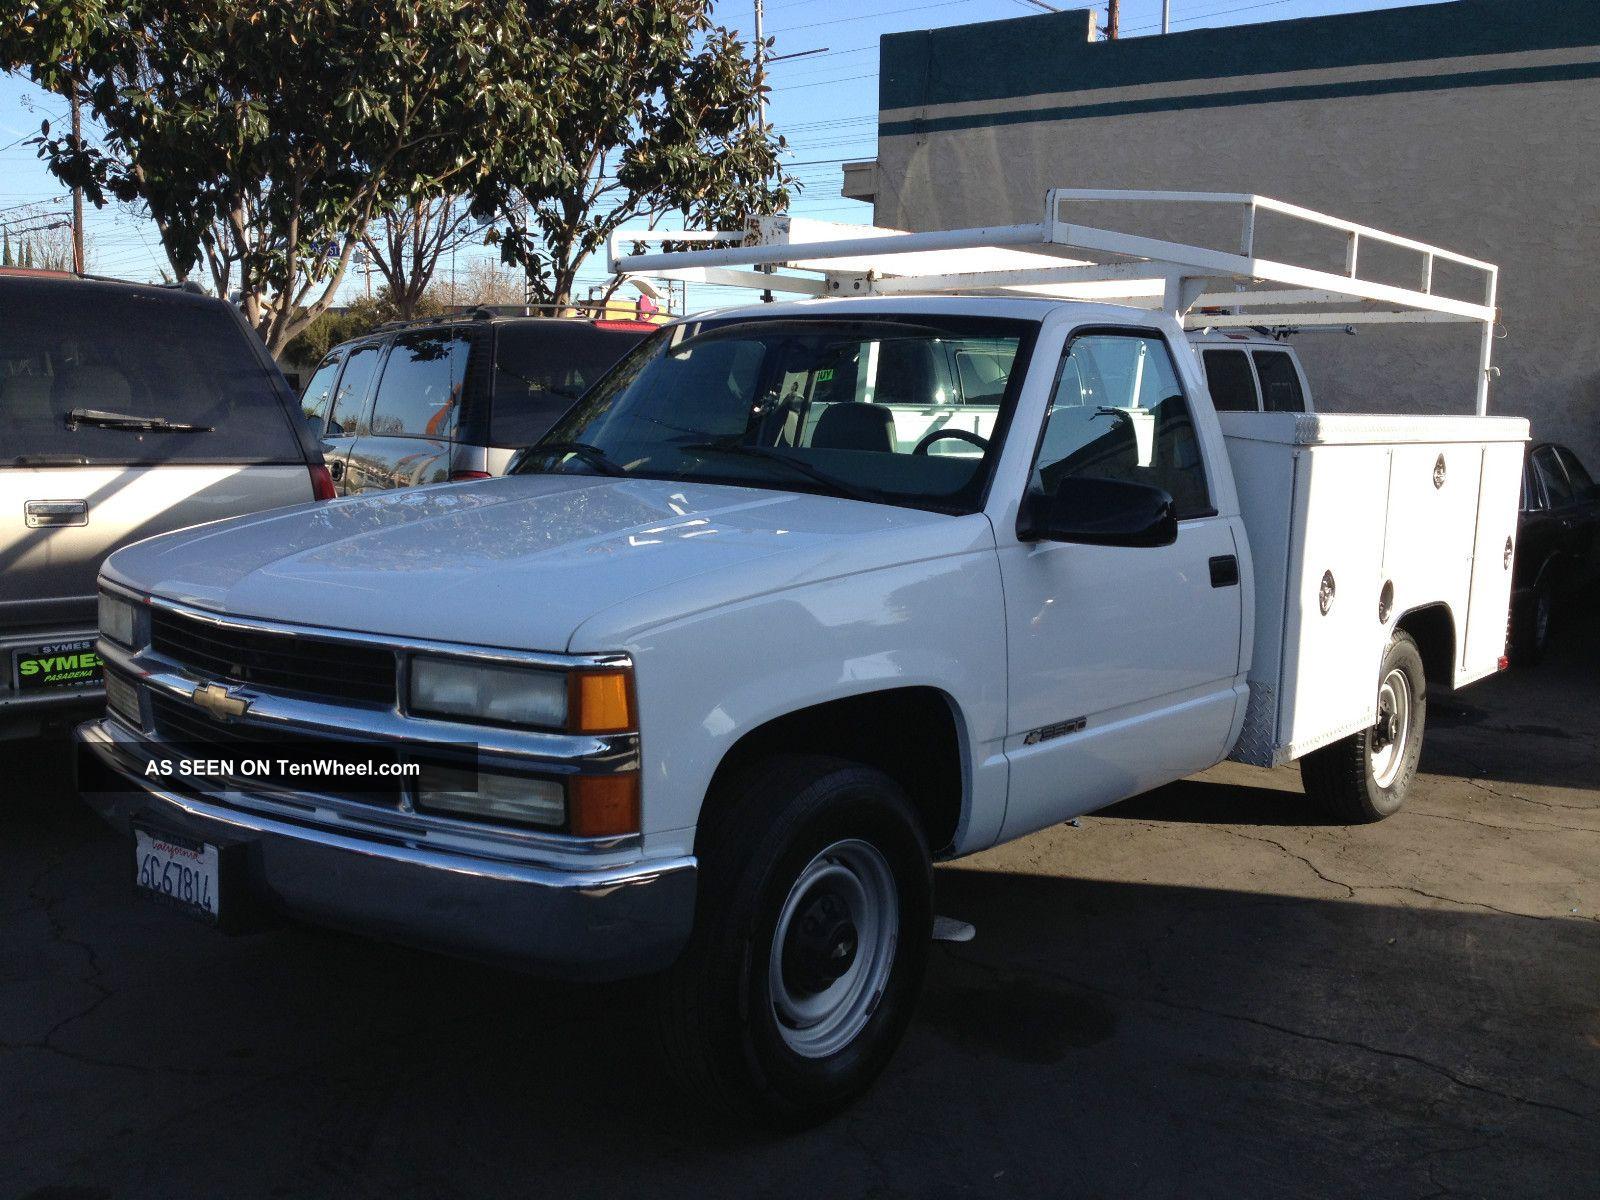 2000 chevrolet 3500 work truck 5 7 liter. Black Bedroom Furniture Sets. Home Design Ideas